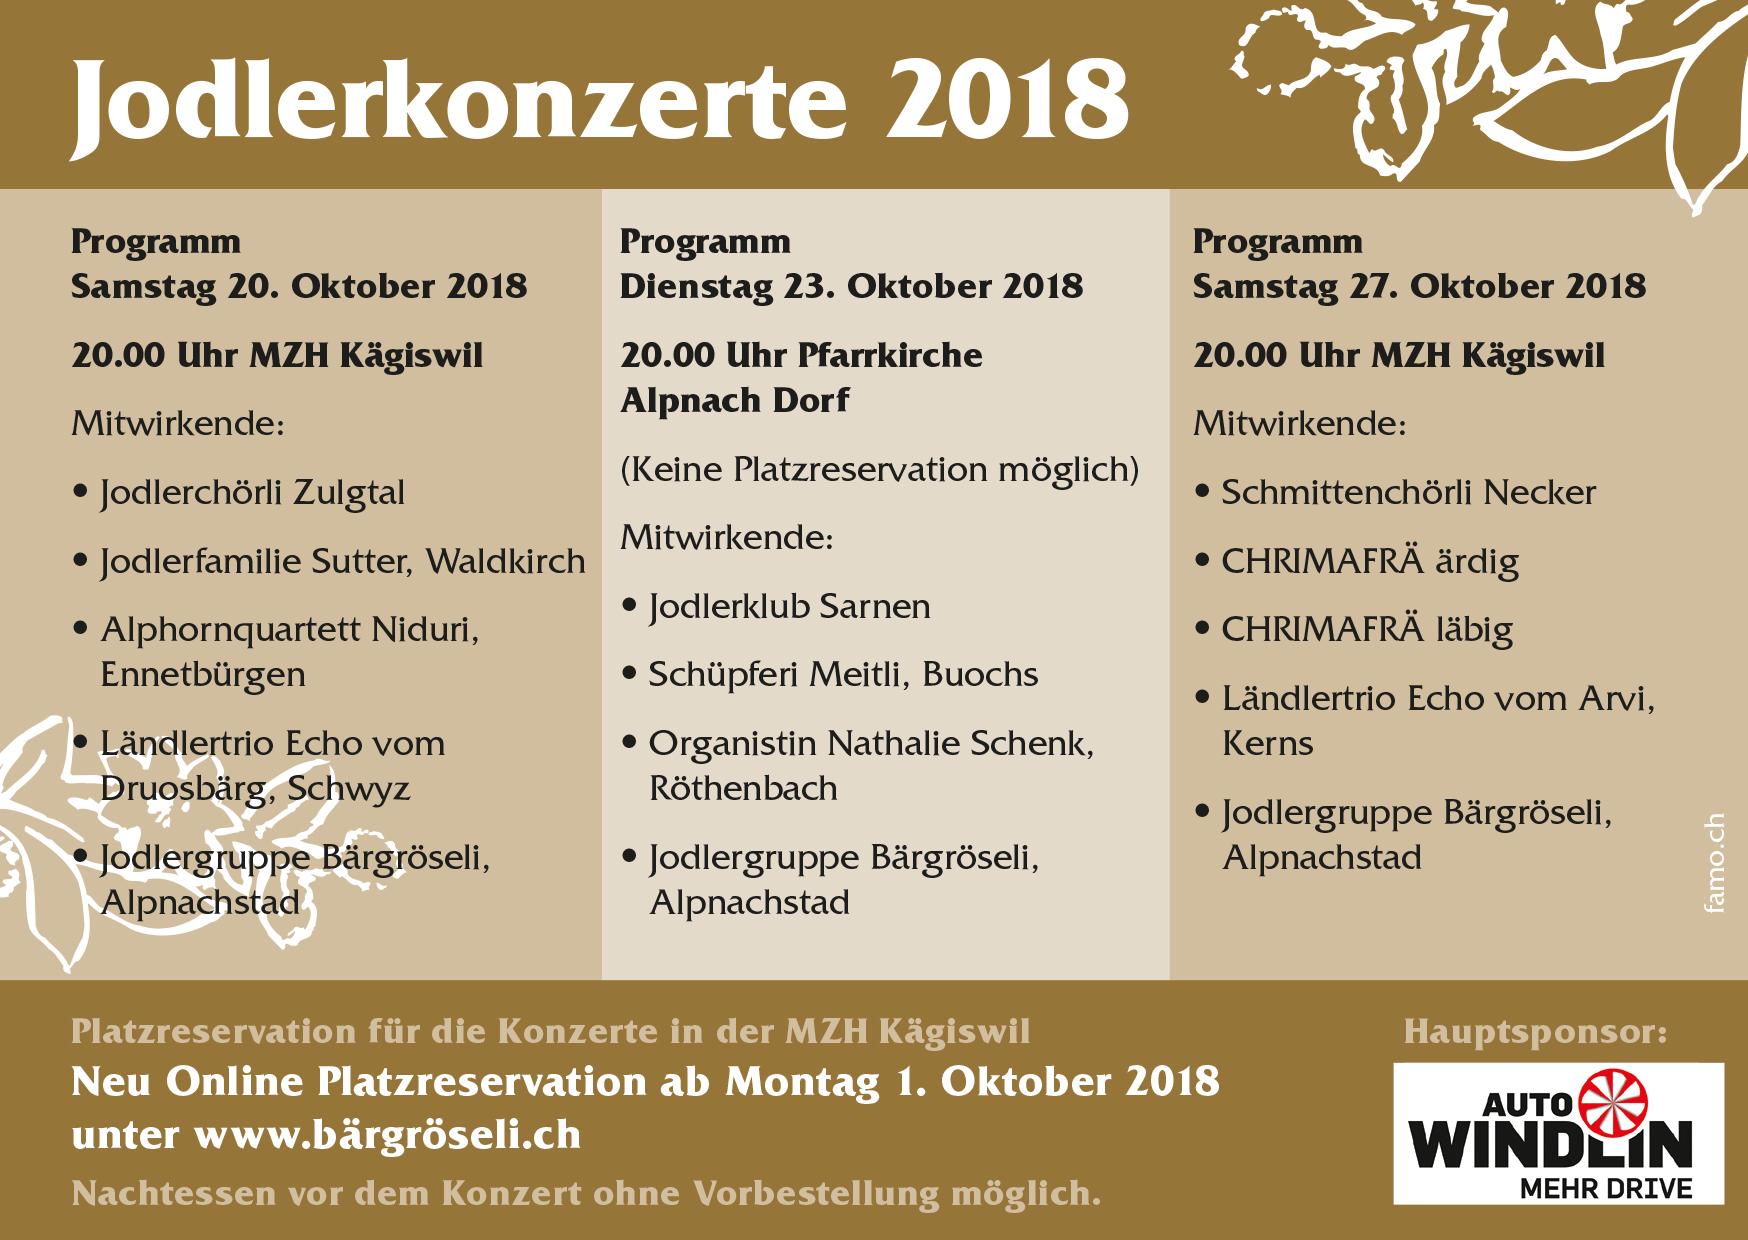 Jodlerkonzert 2018